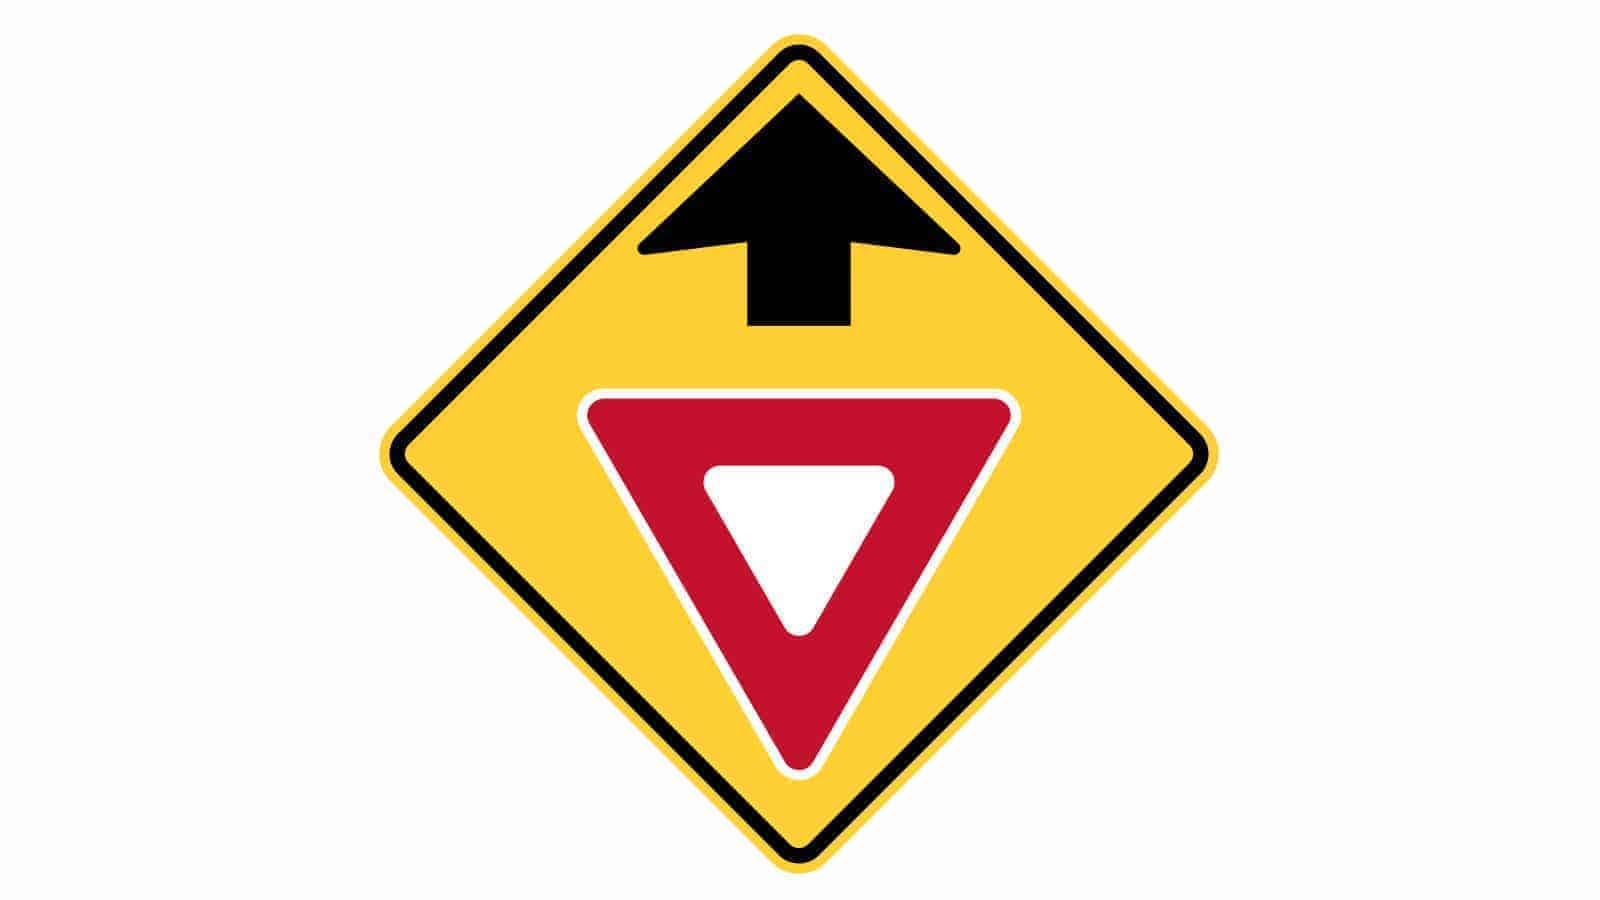 Warning sign yield sign ahead